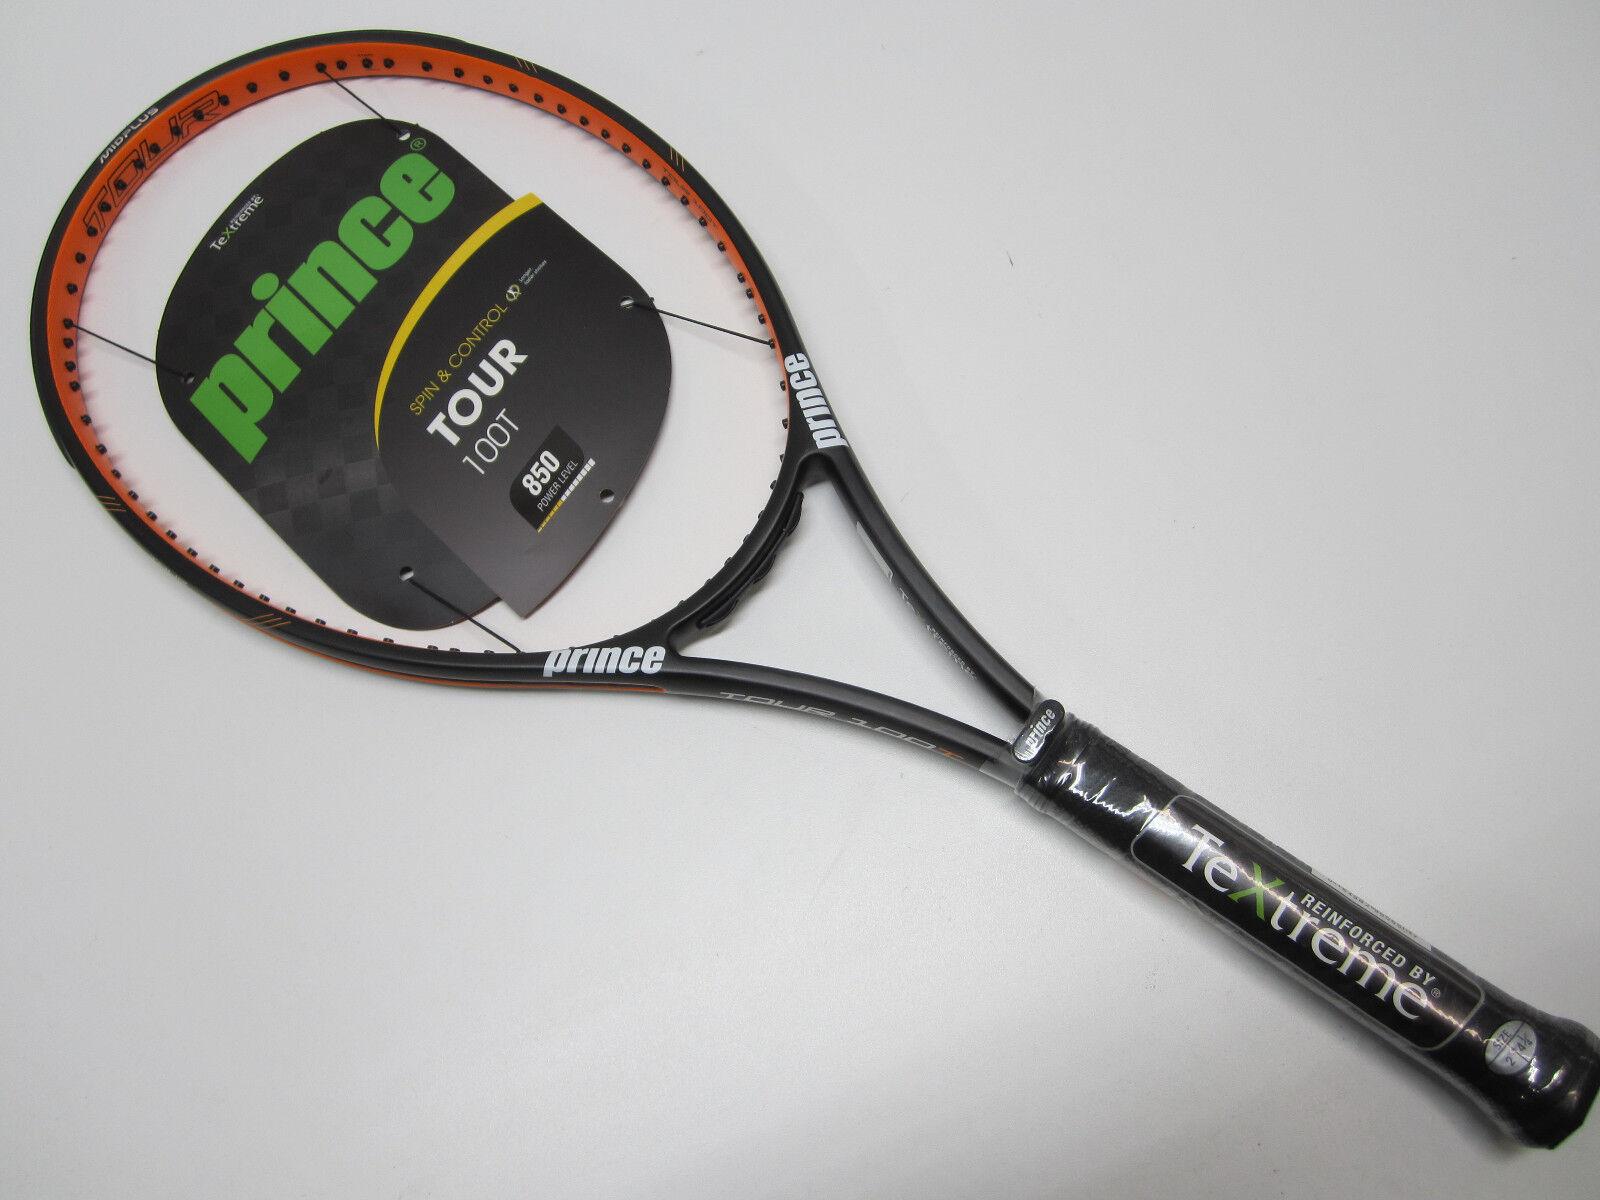 nuevo  Prince TeXtreme Tour 100T tenis raqueta (4 1 8)